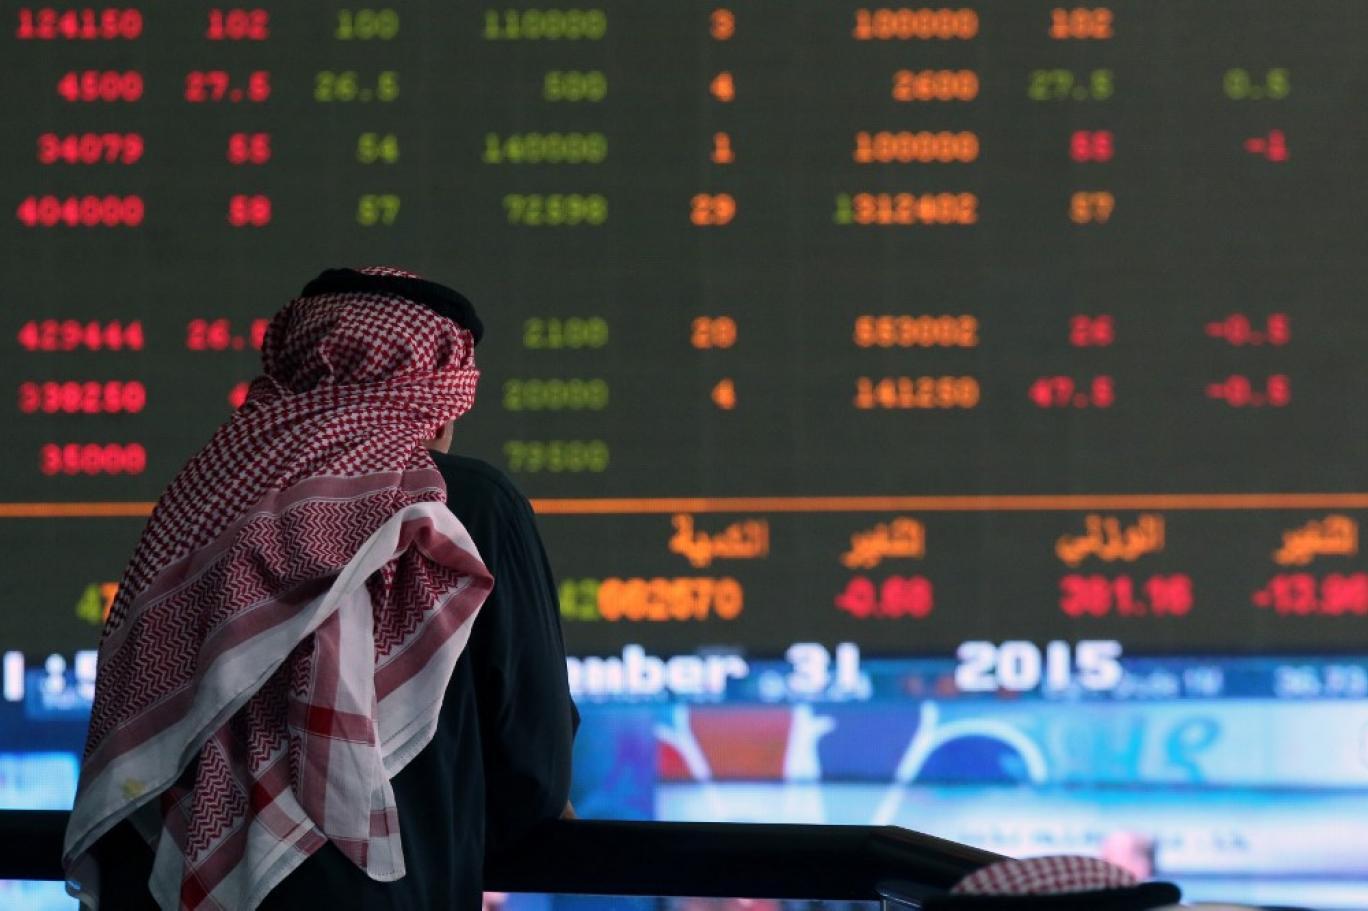 خسائر النفط تضع أسواق الأسهم الخليجية والعربية على صفيح ساخن : اندبندنت عربية